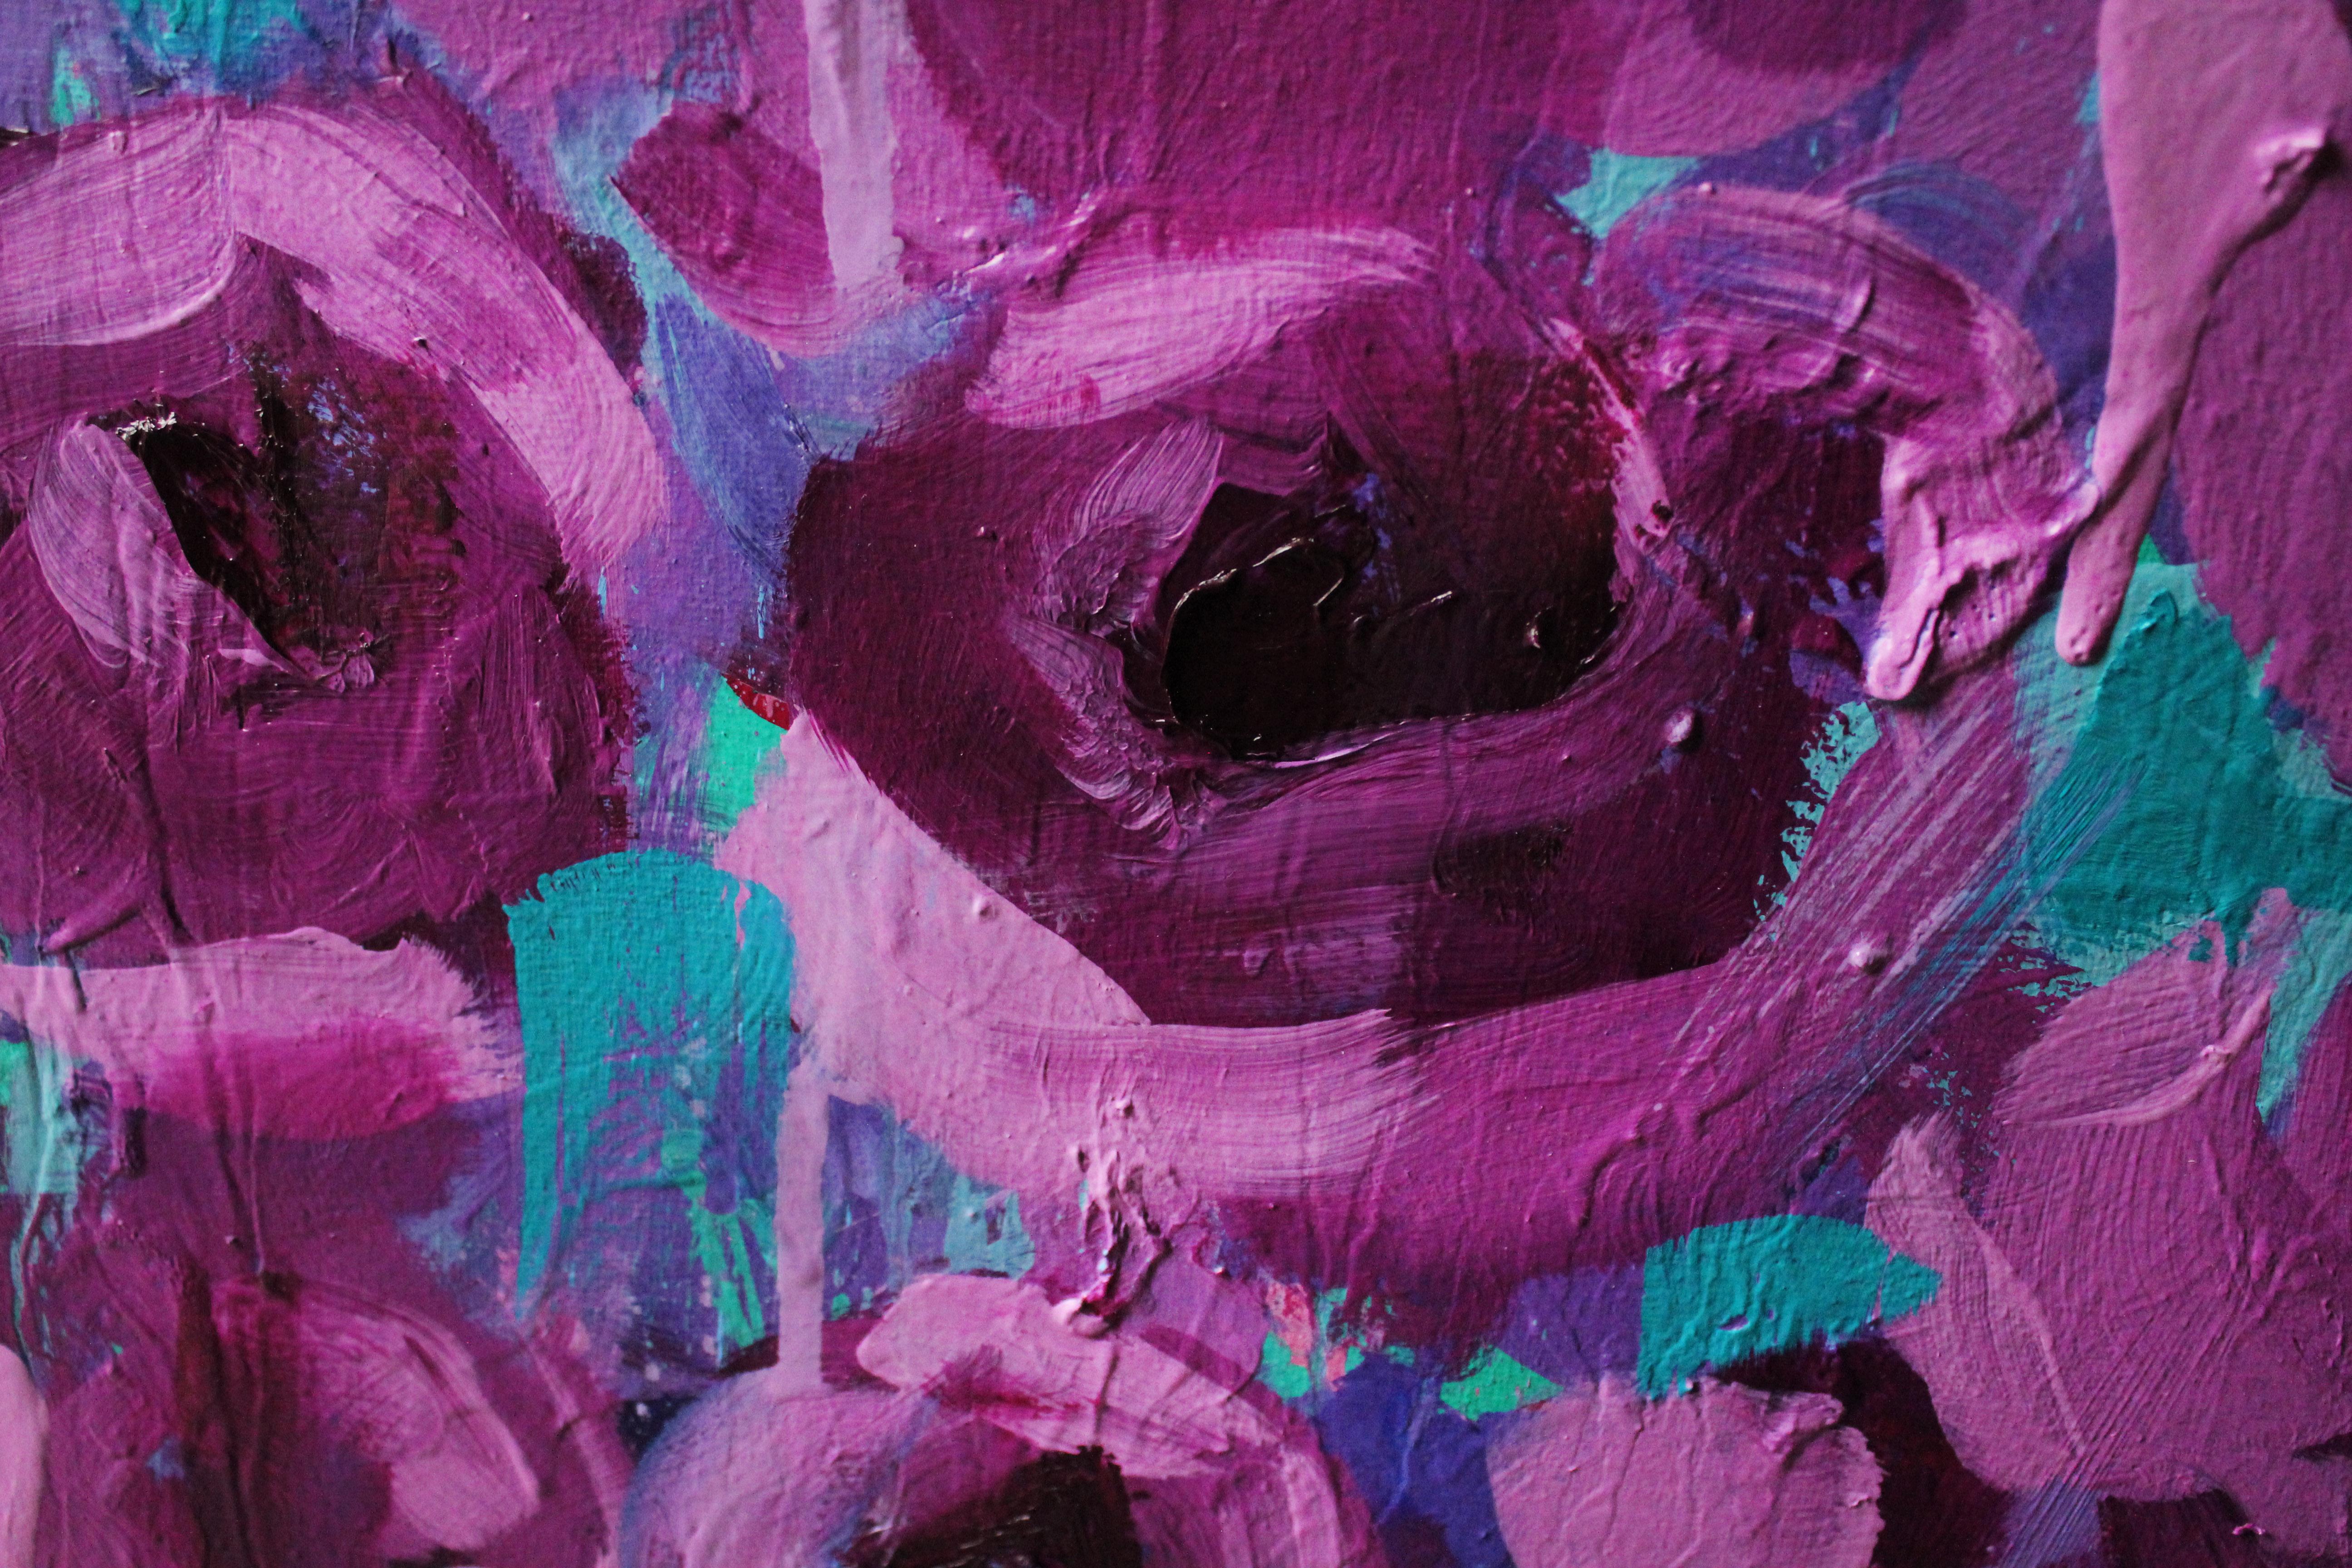 Karl floral super close up